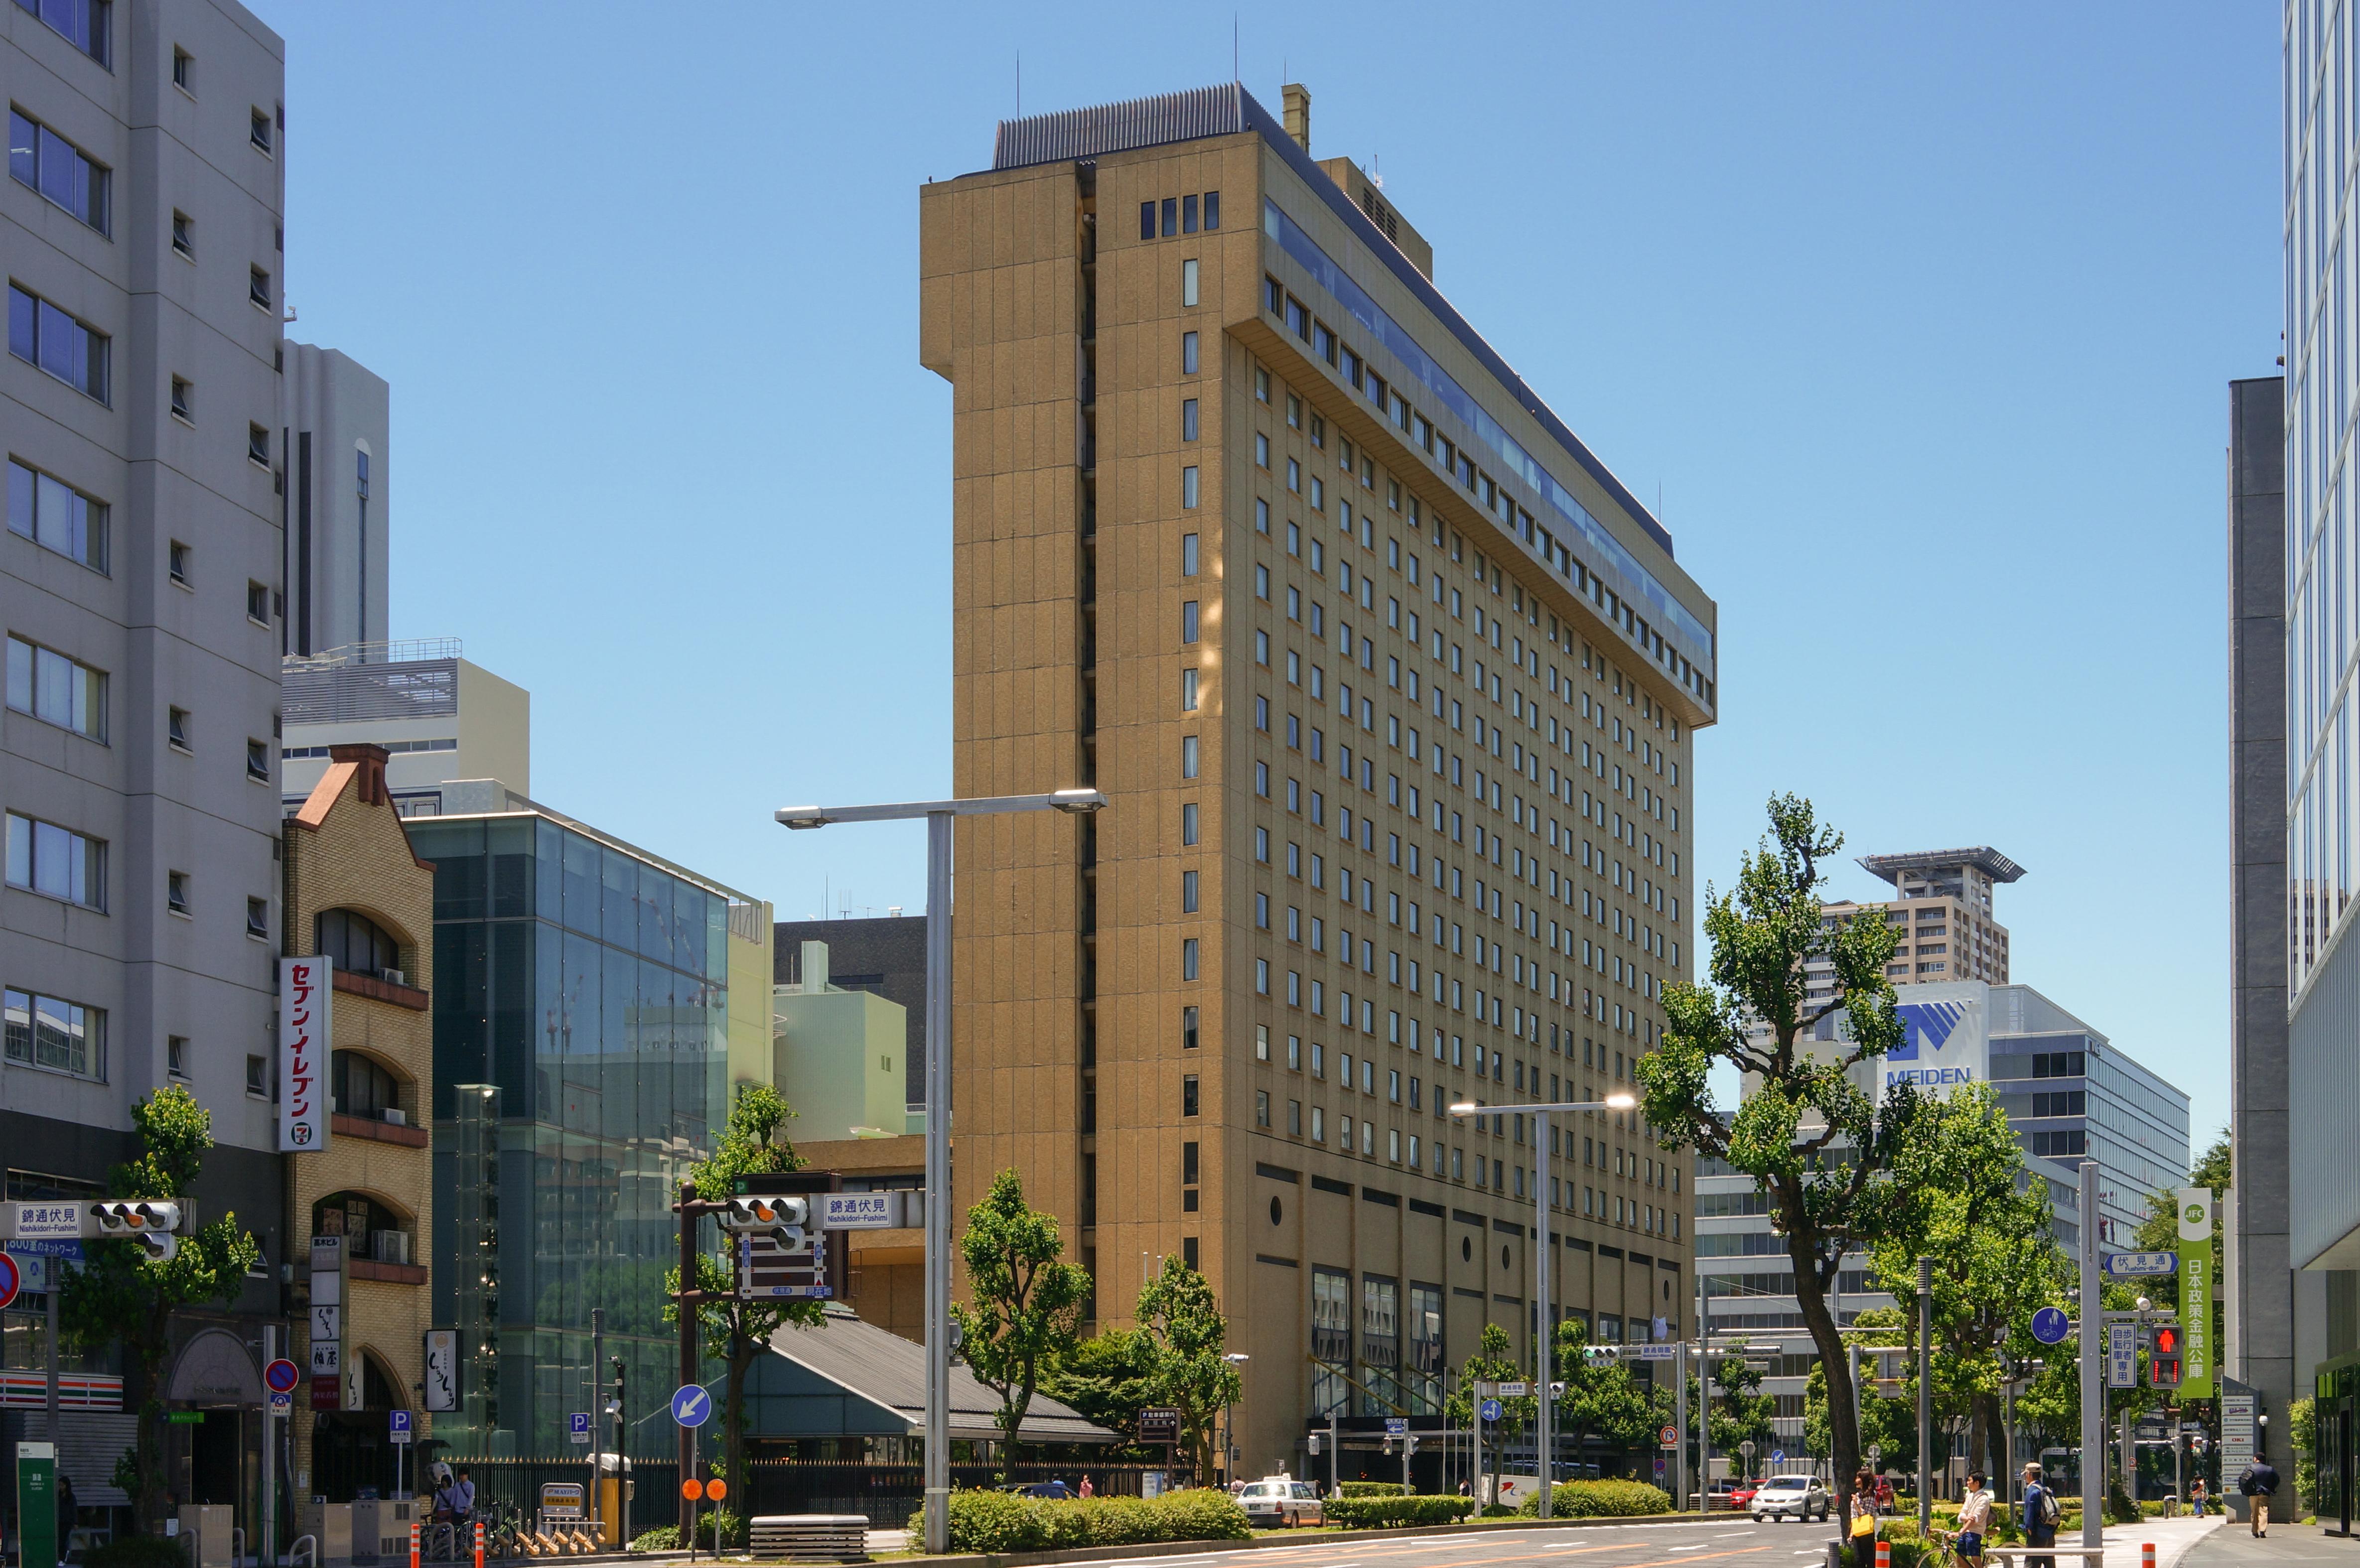 Nagoya Kanko Hotel Nagoya Japan